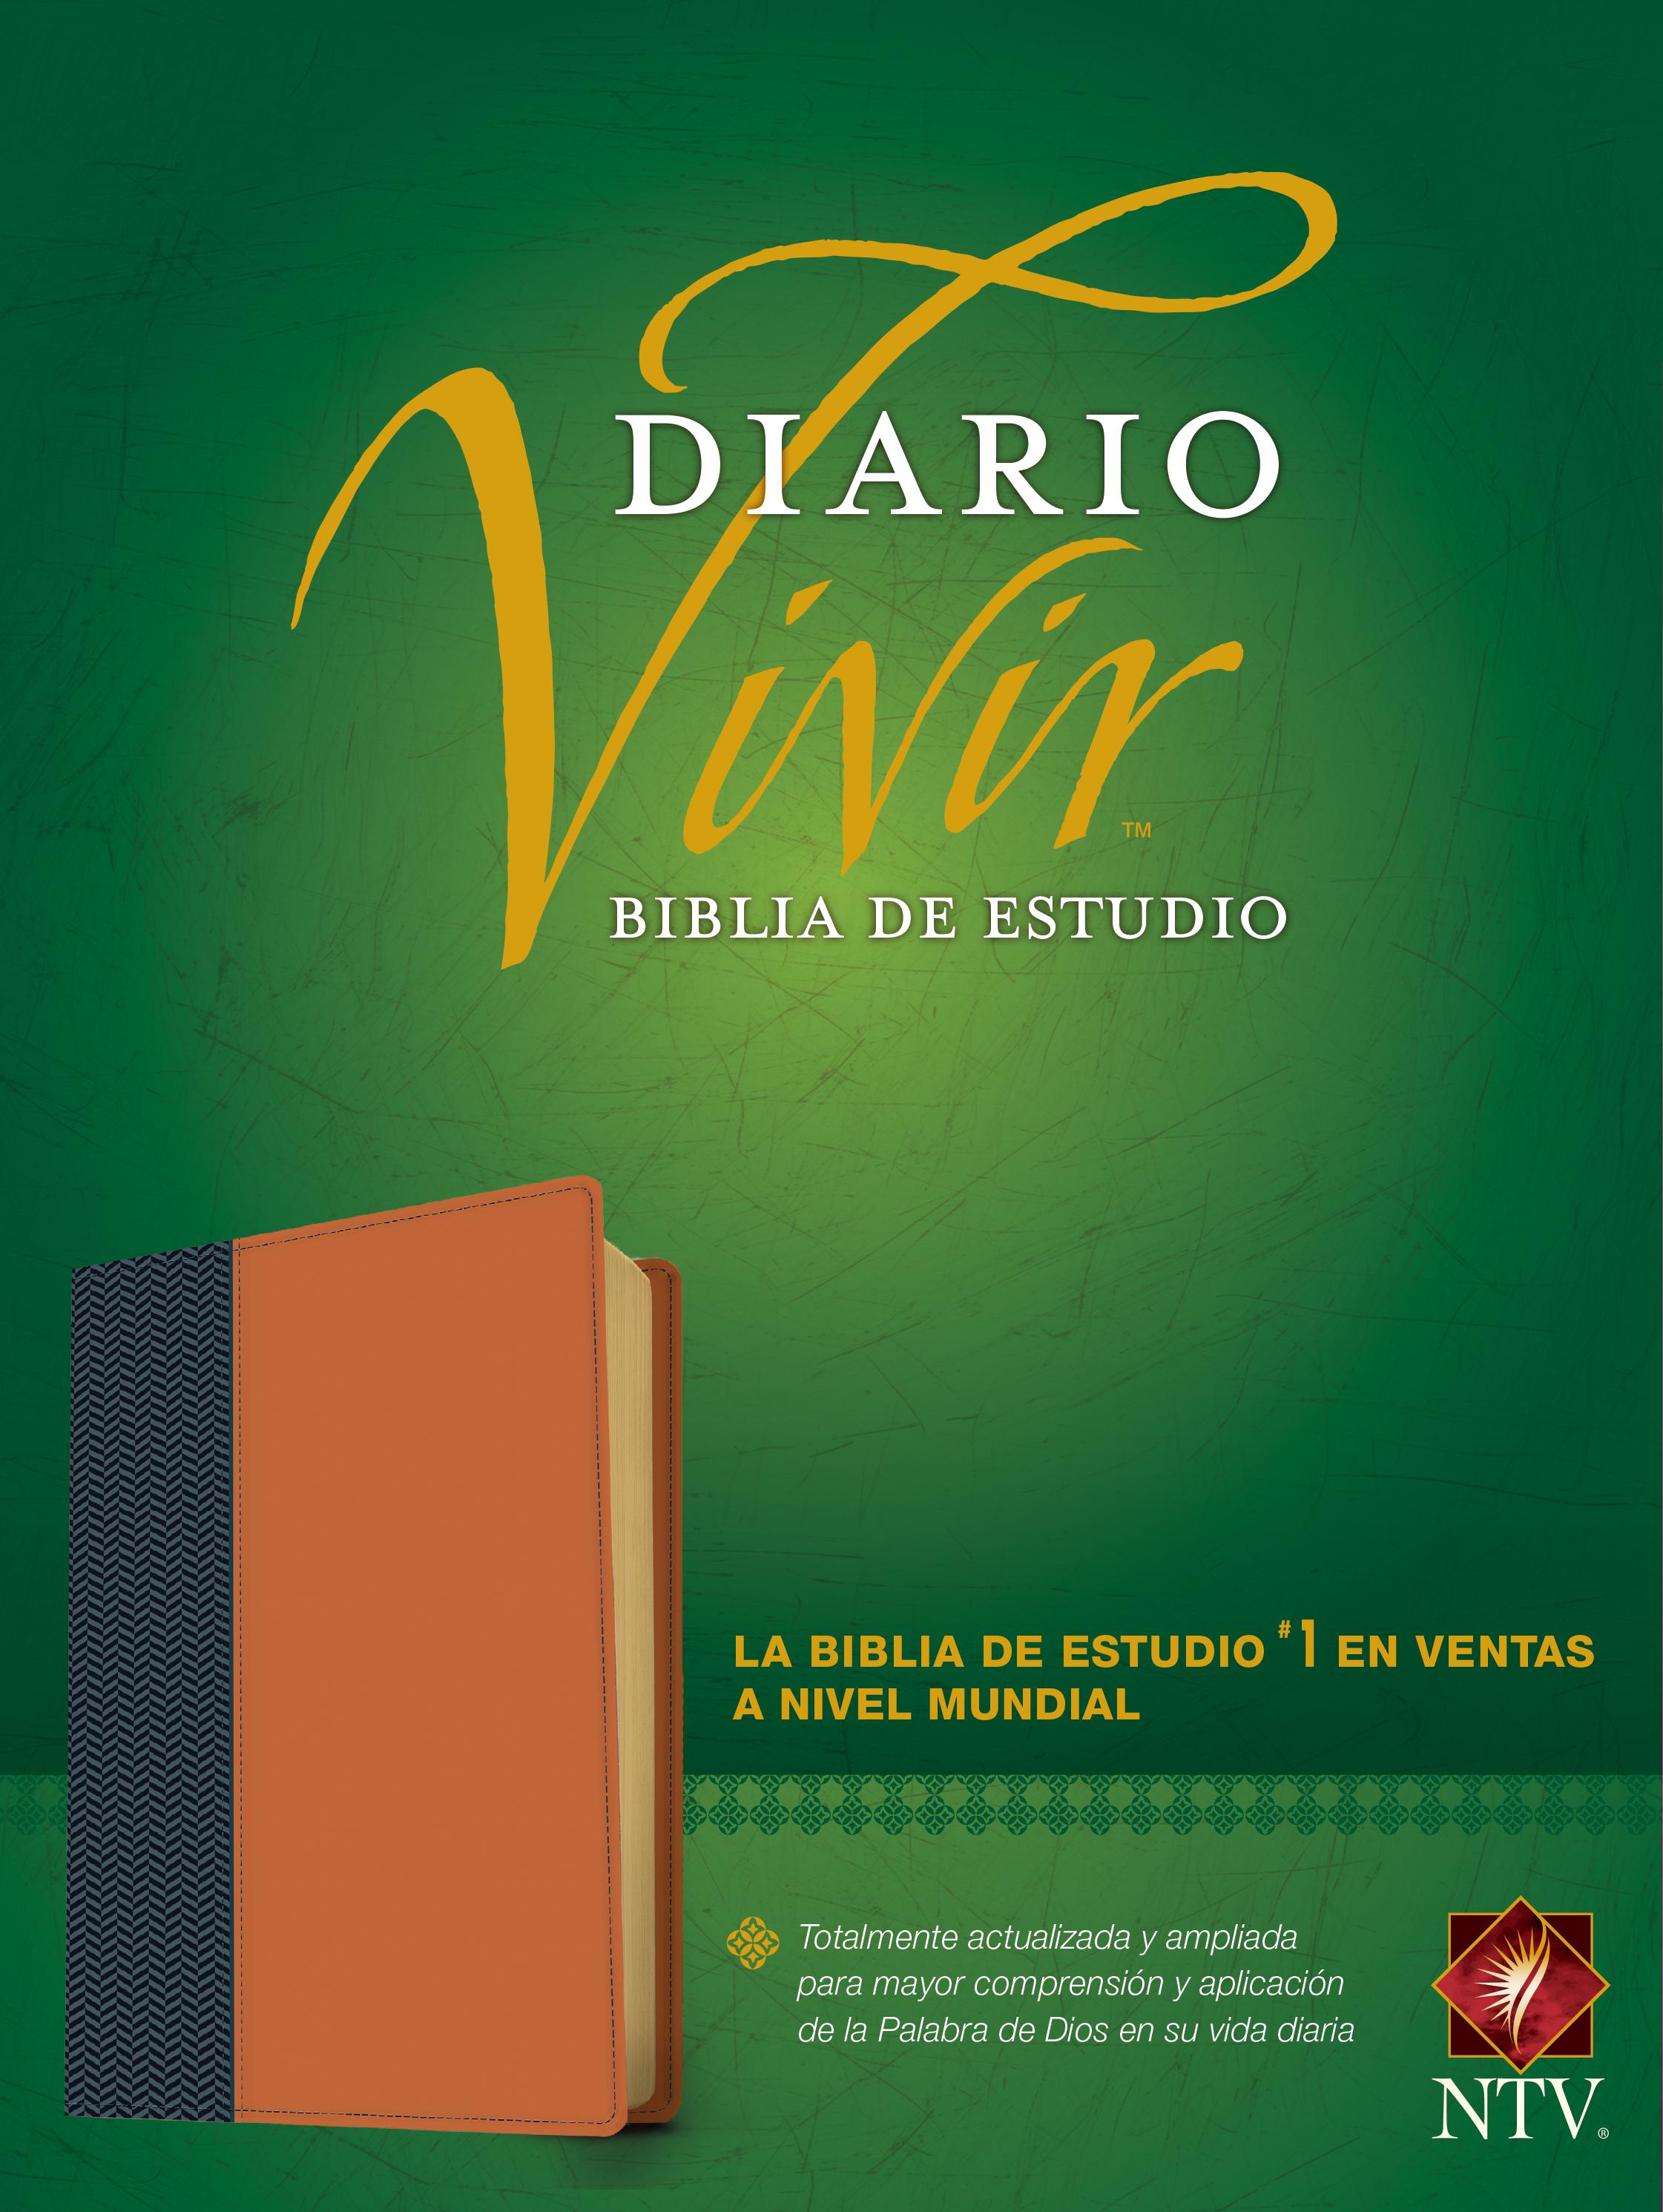 Biblia de estudio del diario vivir NTV (Letra Roja, SentiPiel, Azul/Café claro)